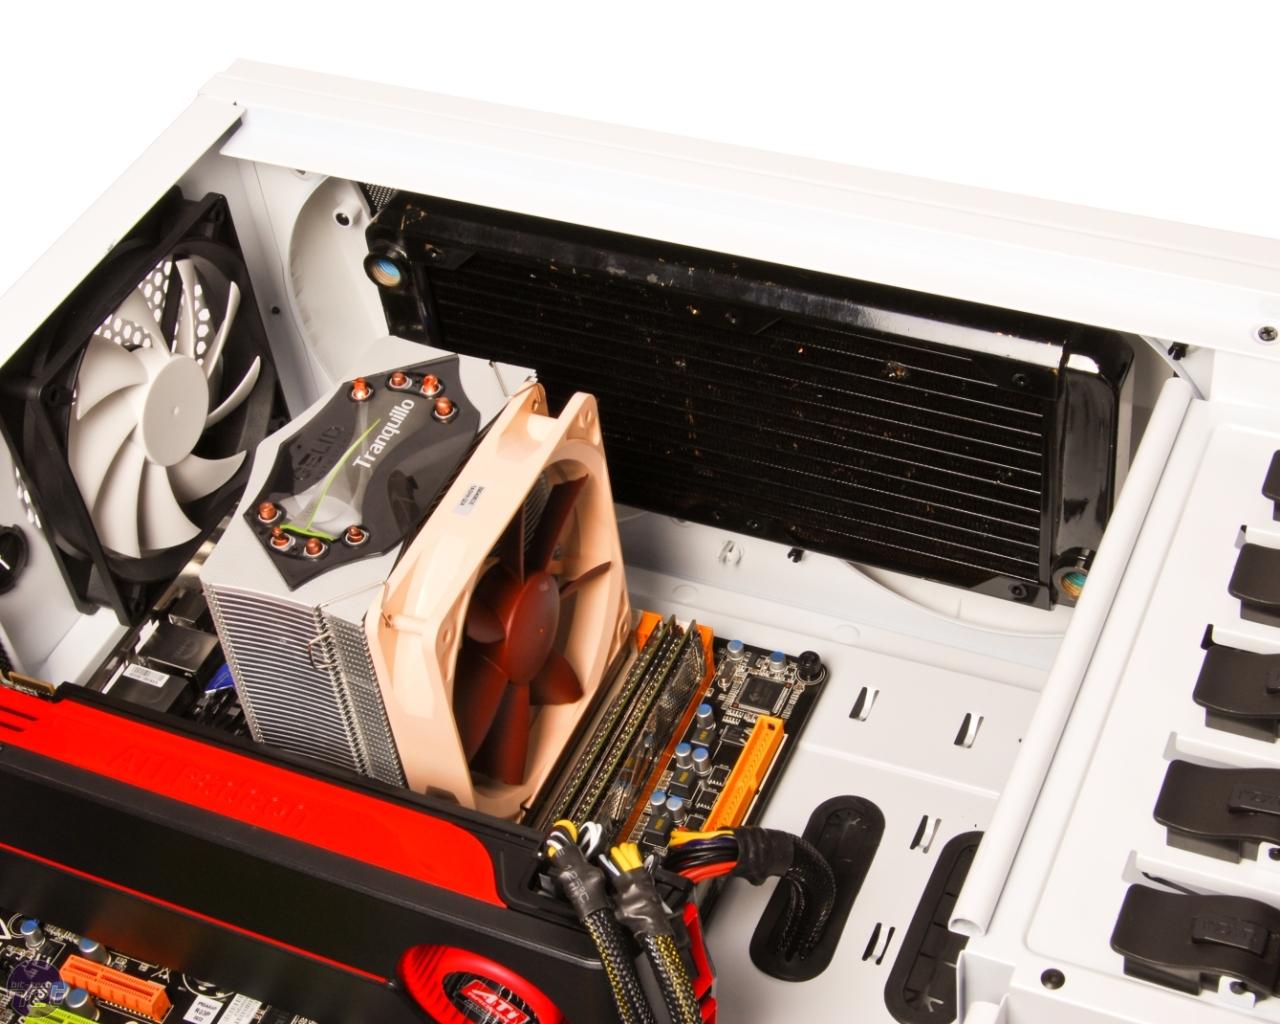 Nzxt Phantom Case Review Bit Tech Net